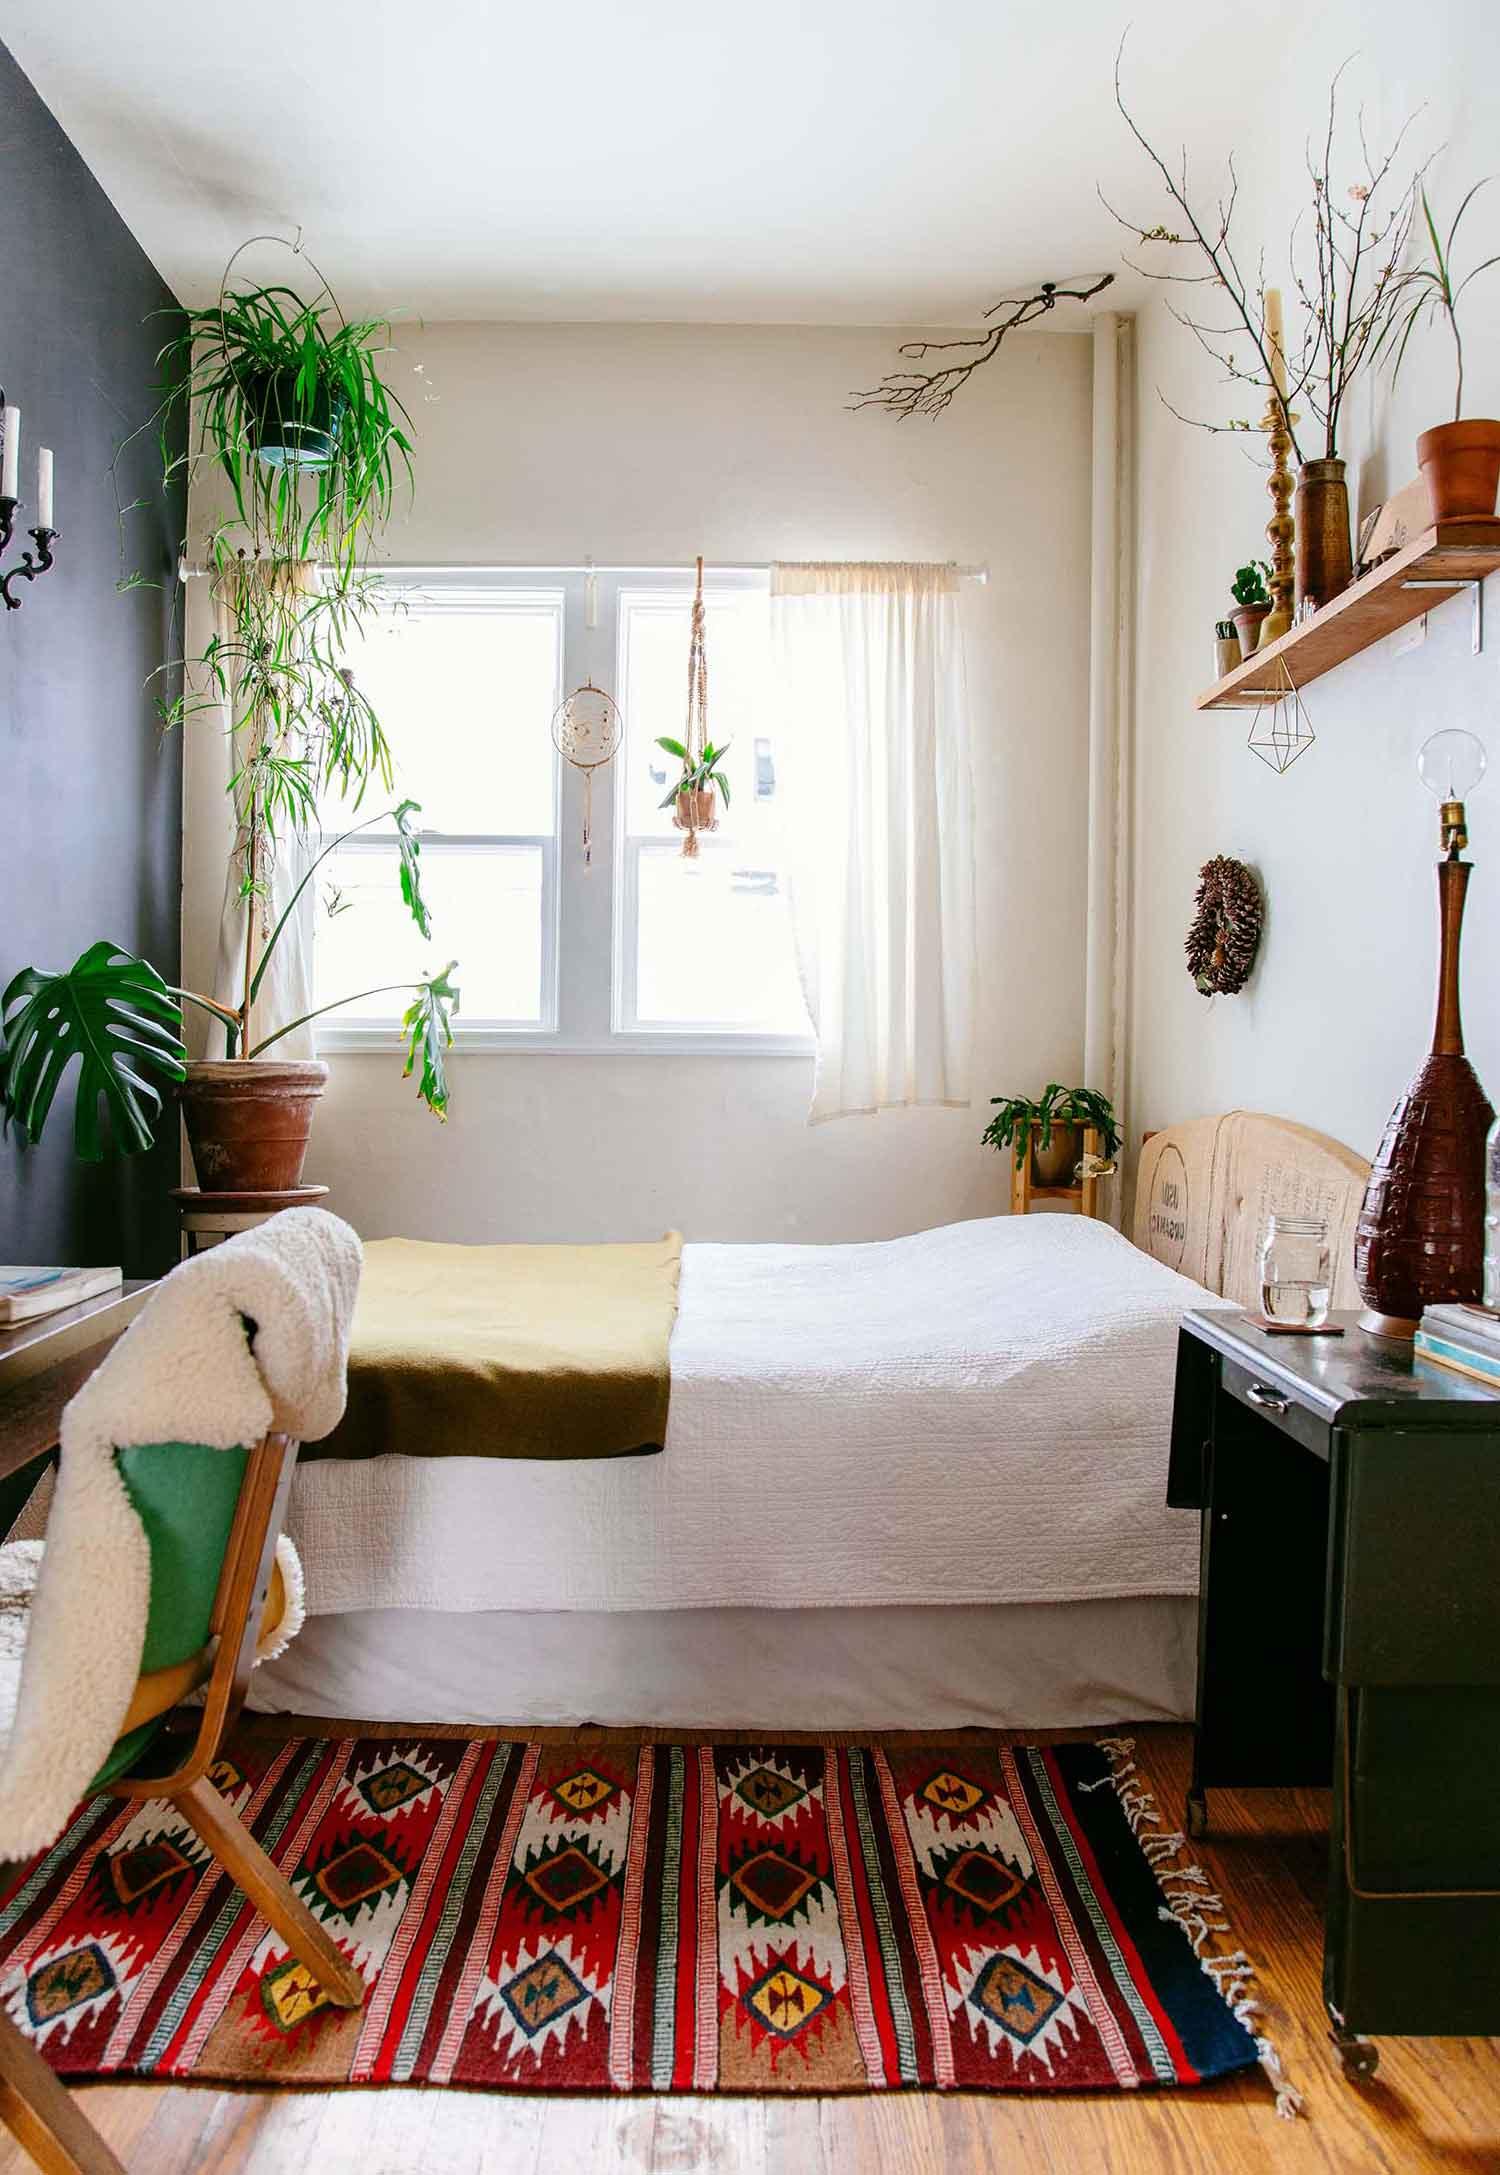 fantastiske-værelses-design-ideer-44-1-kindesign